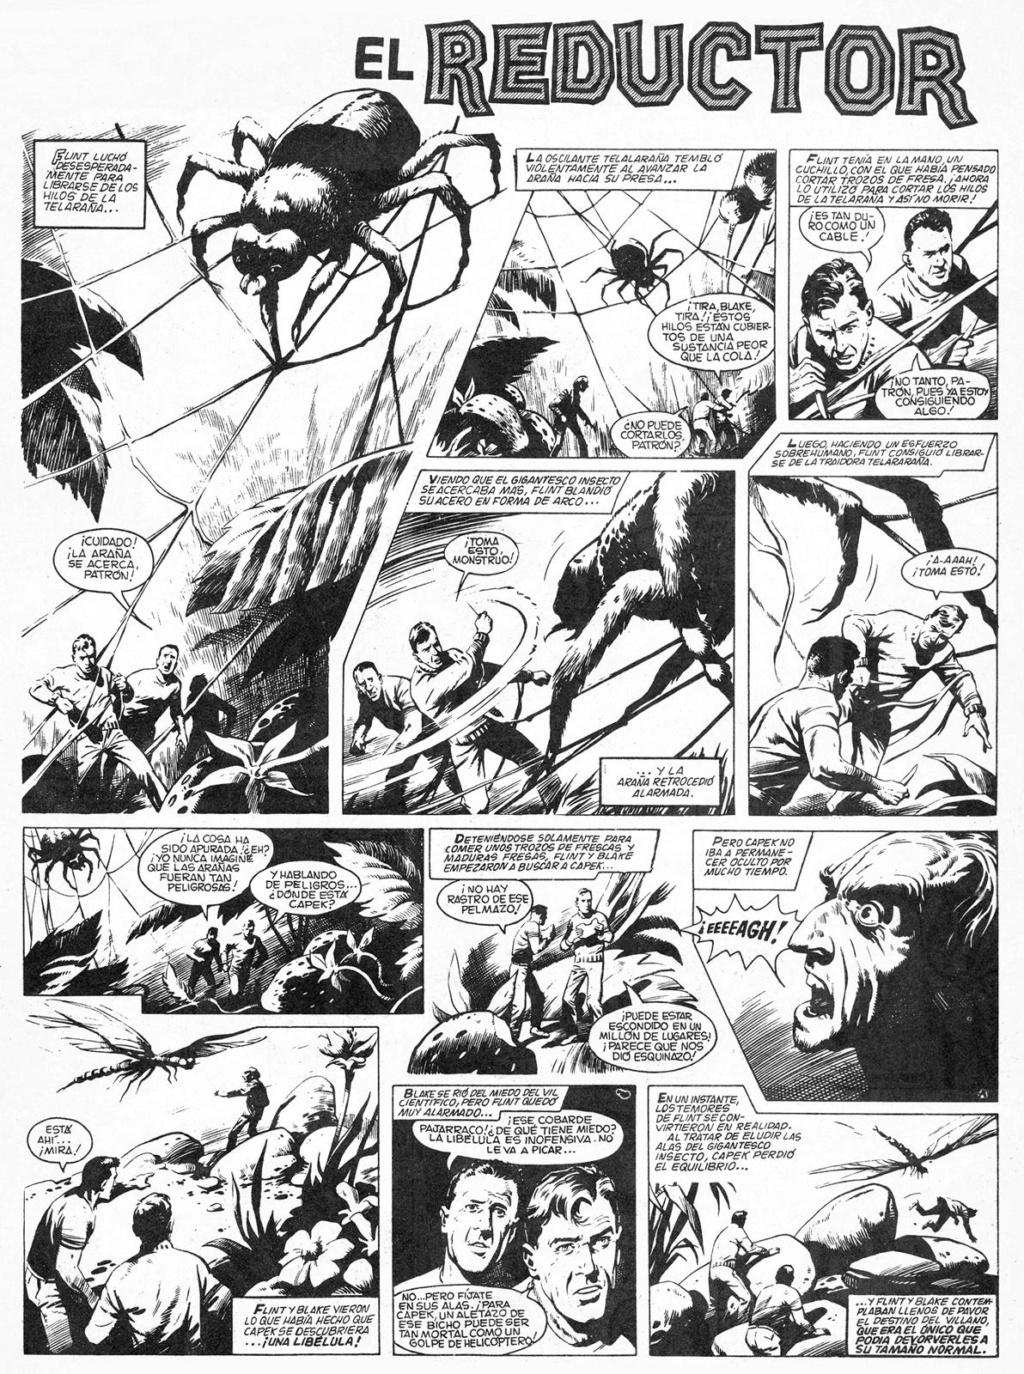 Bandes dessinées britanniques - Page 6 Elredu10